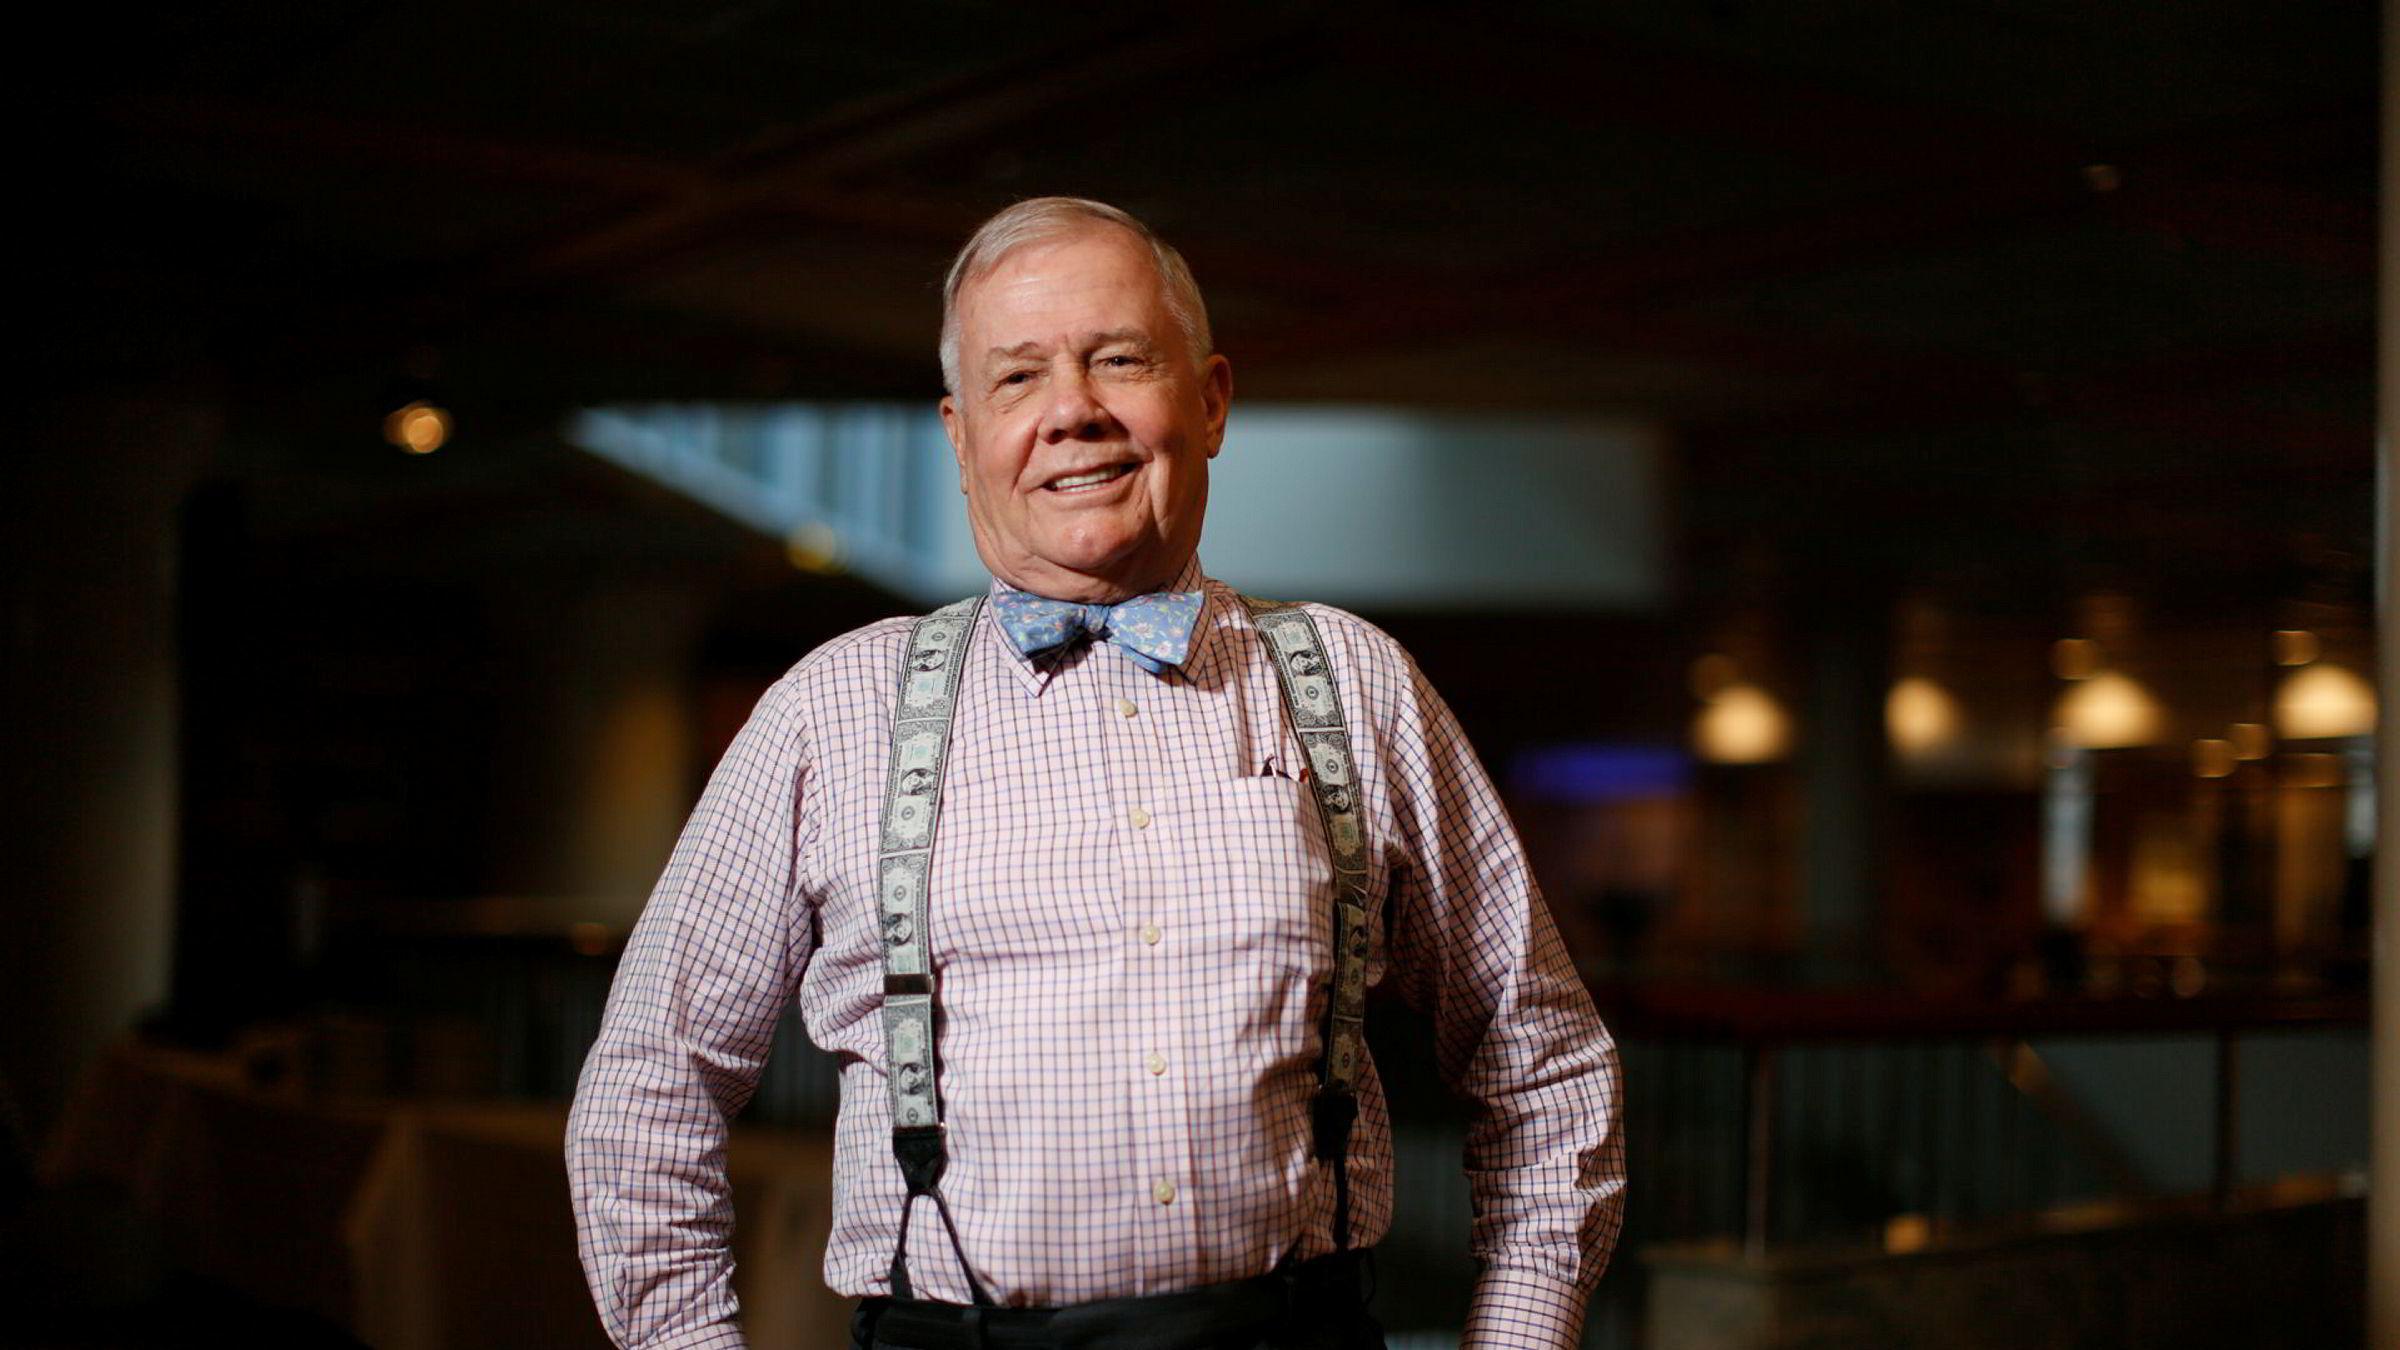 Investorlegende Jim Rogers er sikker på at det vil komme et gedigent krakk, selv om det kanskje ikke kommer akkurat nå. Her poserer han på Skagenfondenes Nyttårskonferanse i 2014.